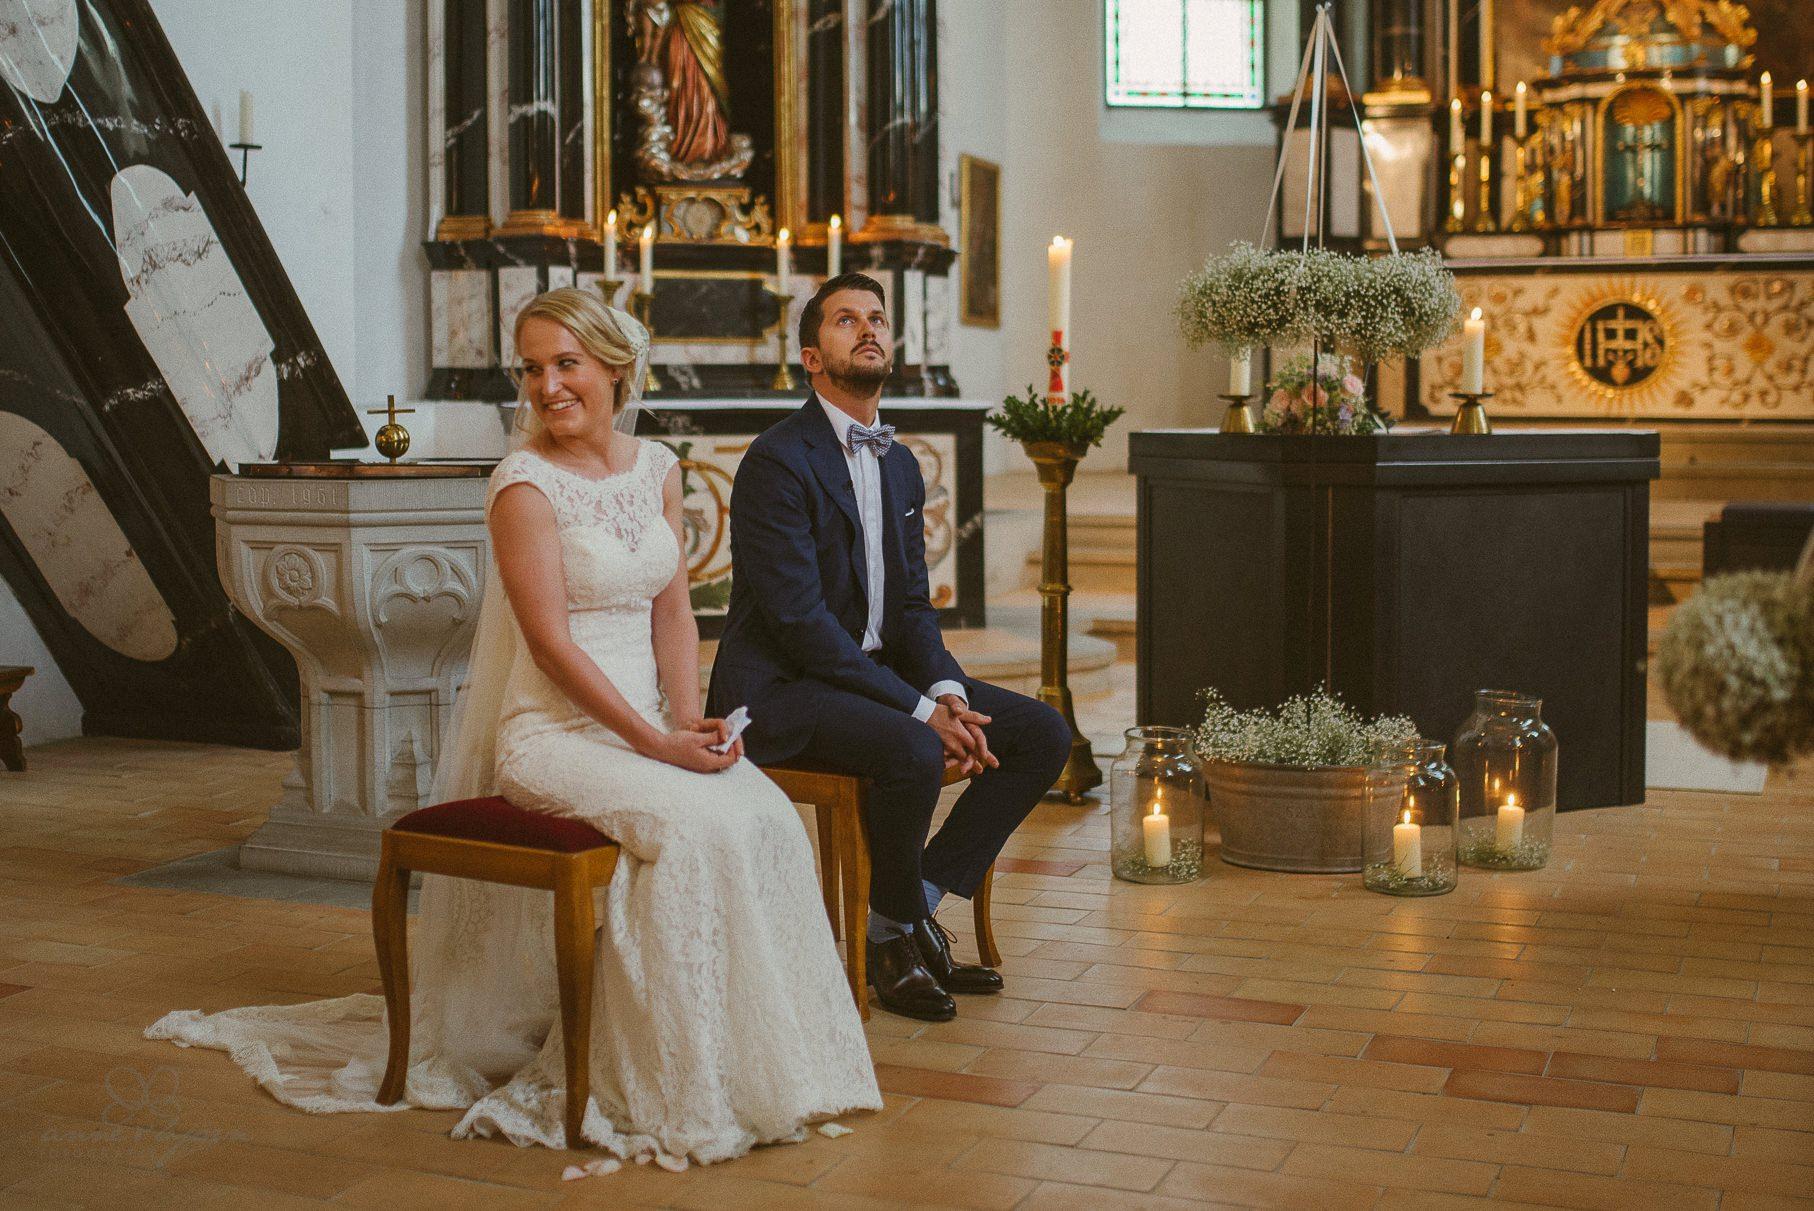 0044 anne und bjoern hochzeit schweiz d75 0042 - DIY Hochzeit in der Schweiz - Sabrina & Christoph